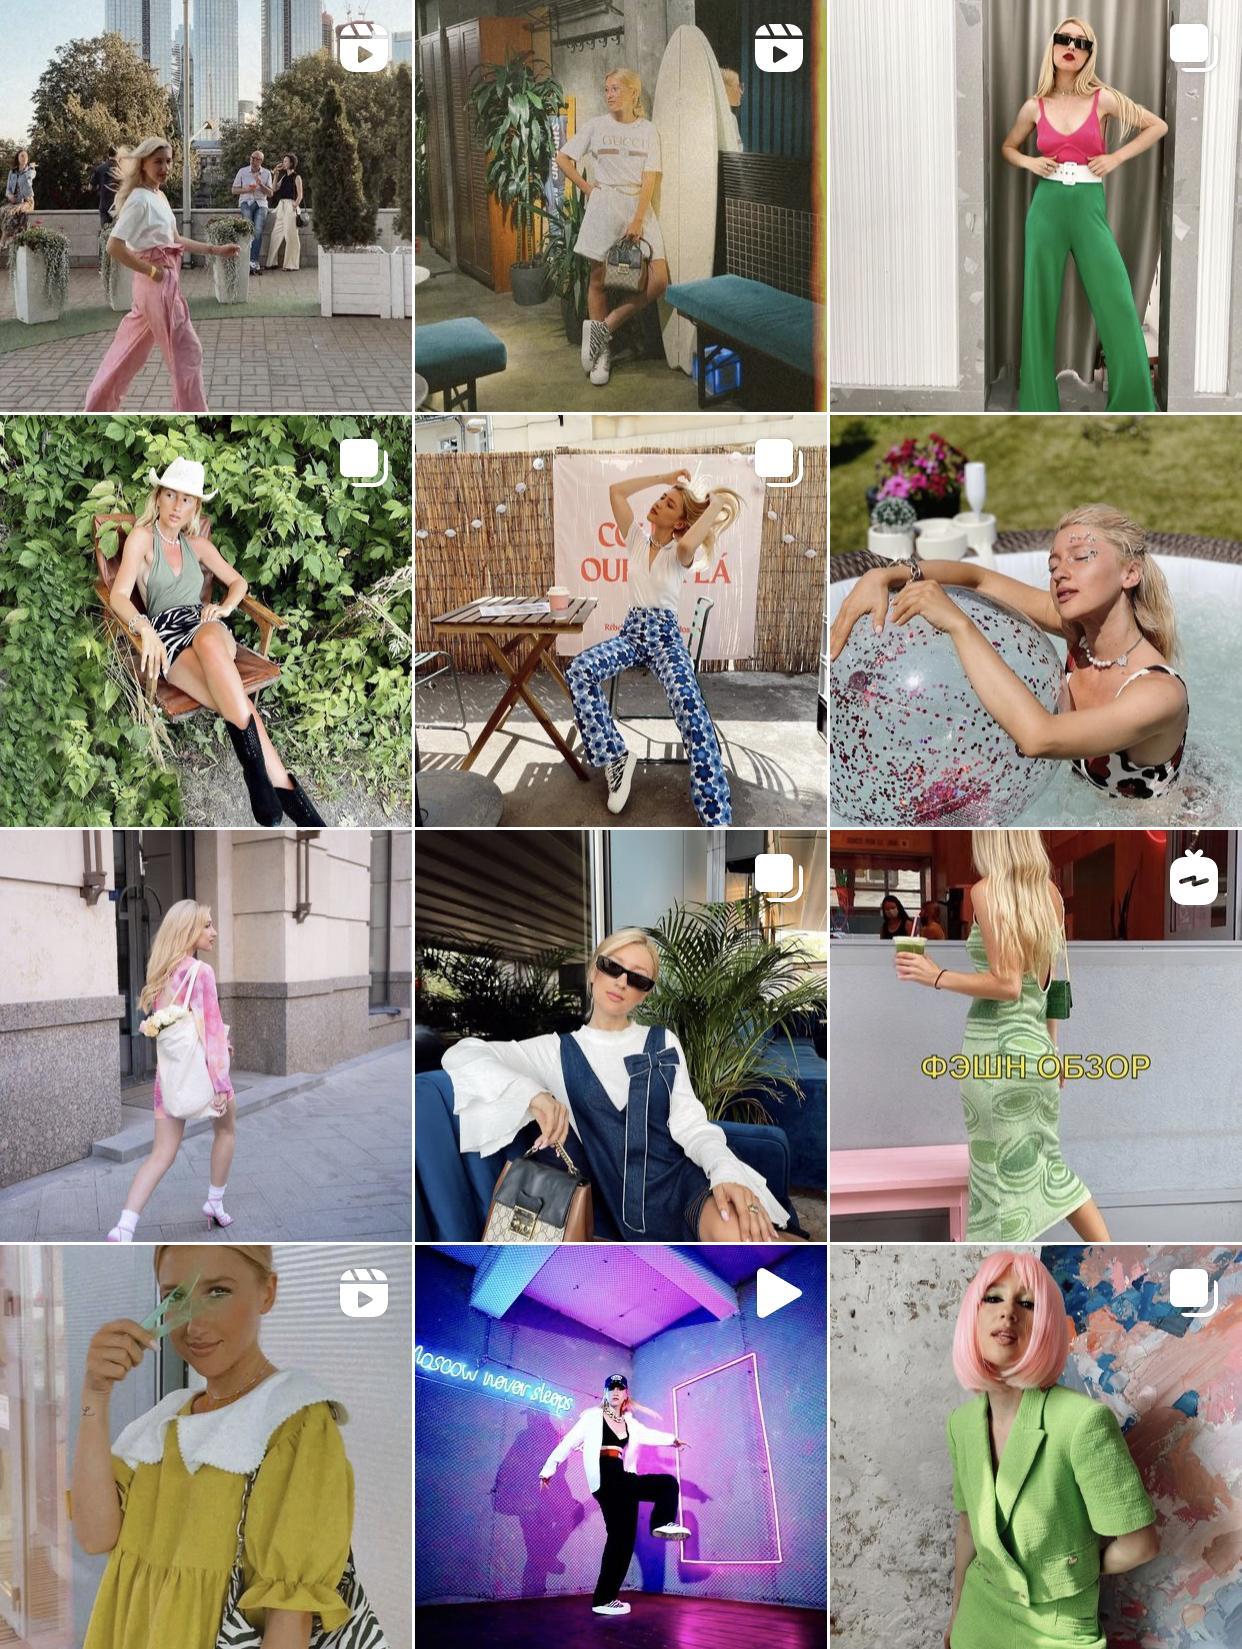 В первом аккаунте мы видим стильную девушку в разных образах